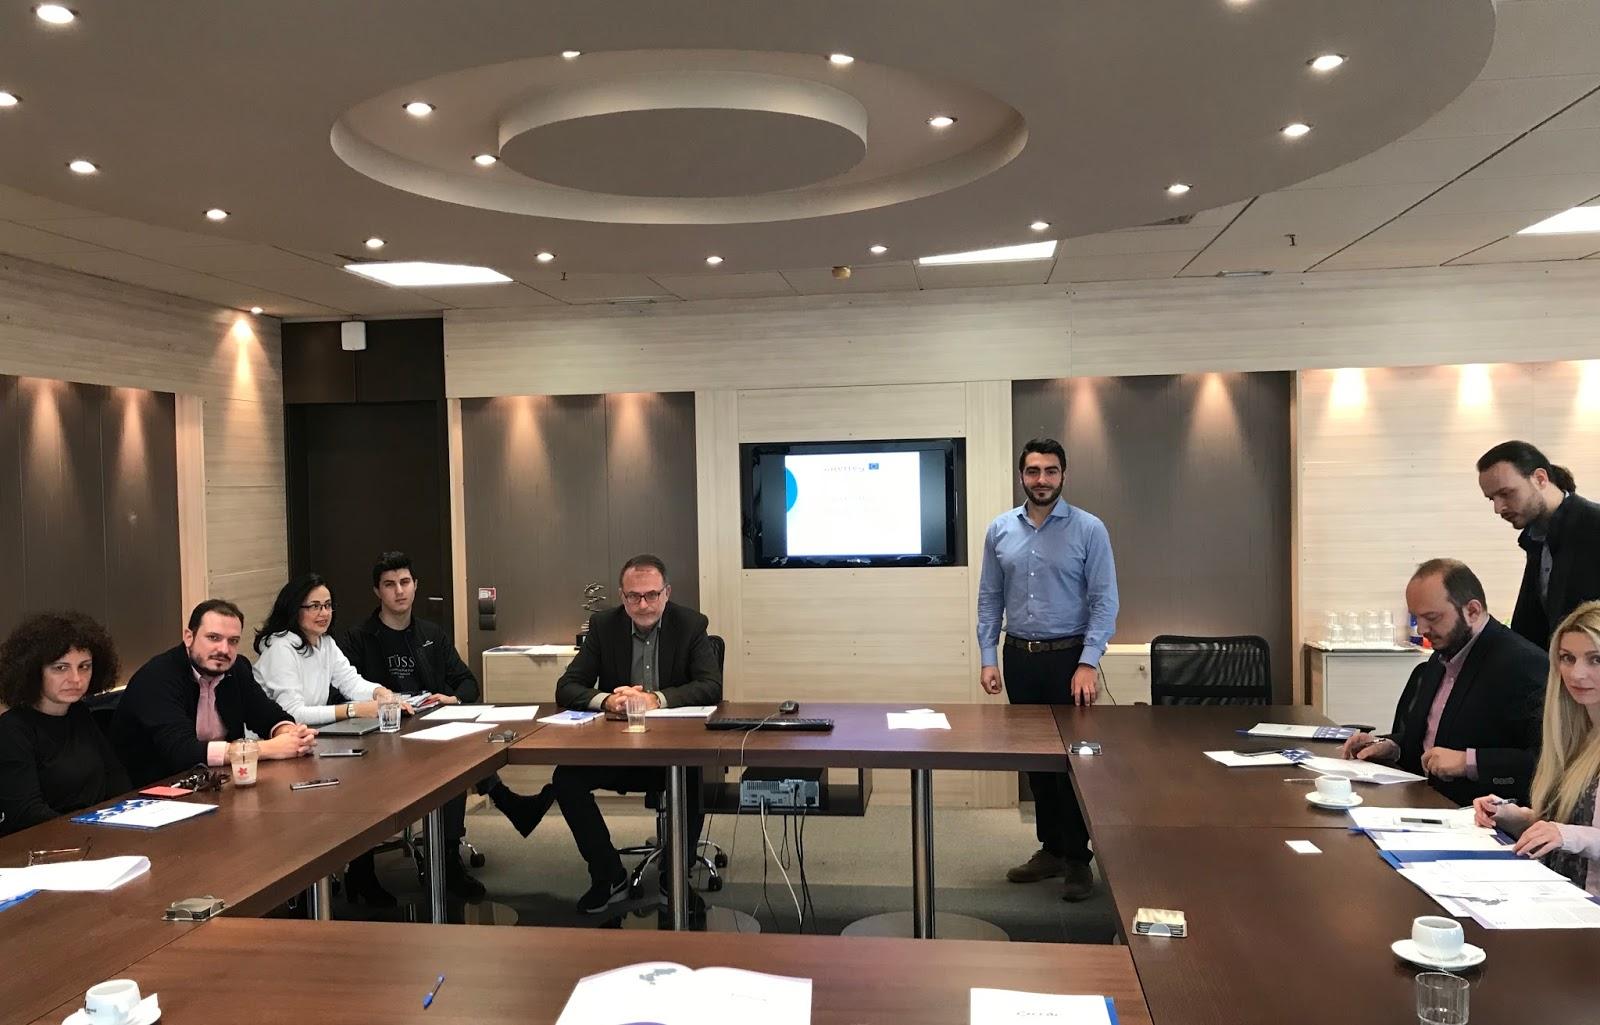 Ξεκίνησε το BalkanMed e-Business Pages - Στόχος η ενίσχυση των εξαγωγικών επιχειρήσεων